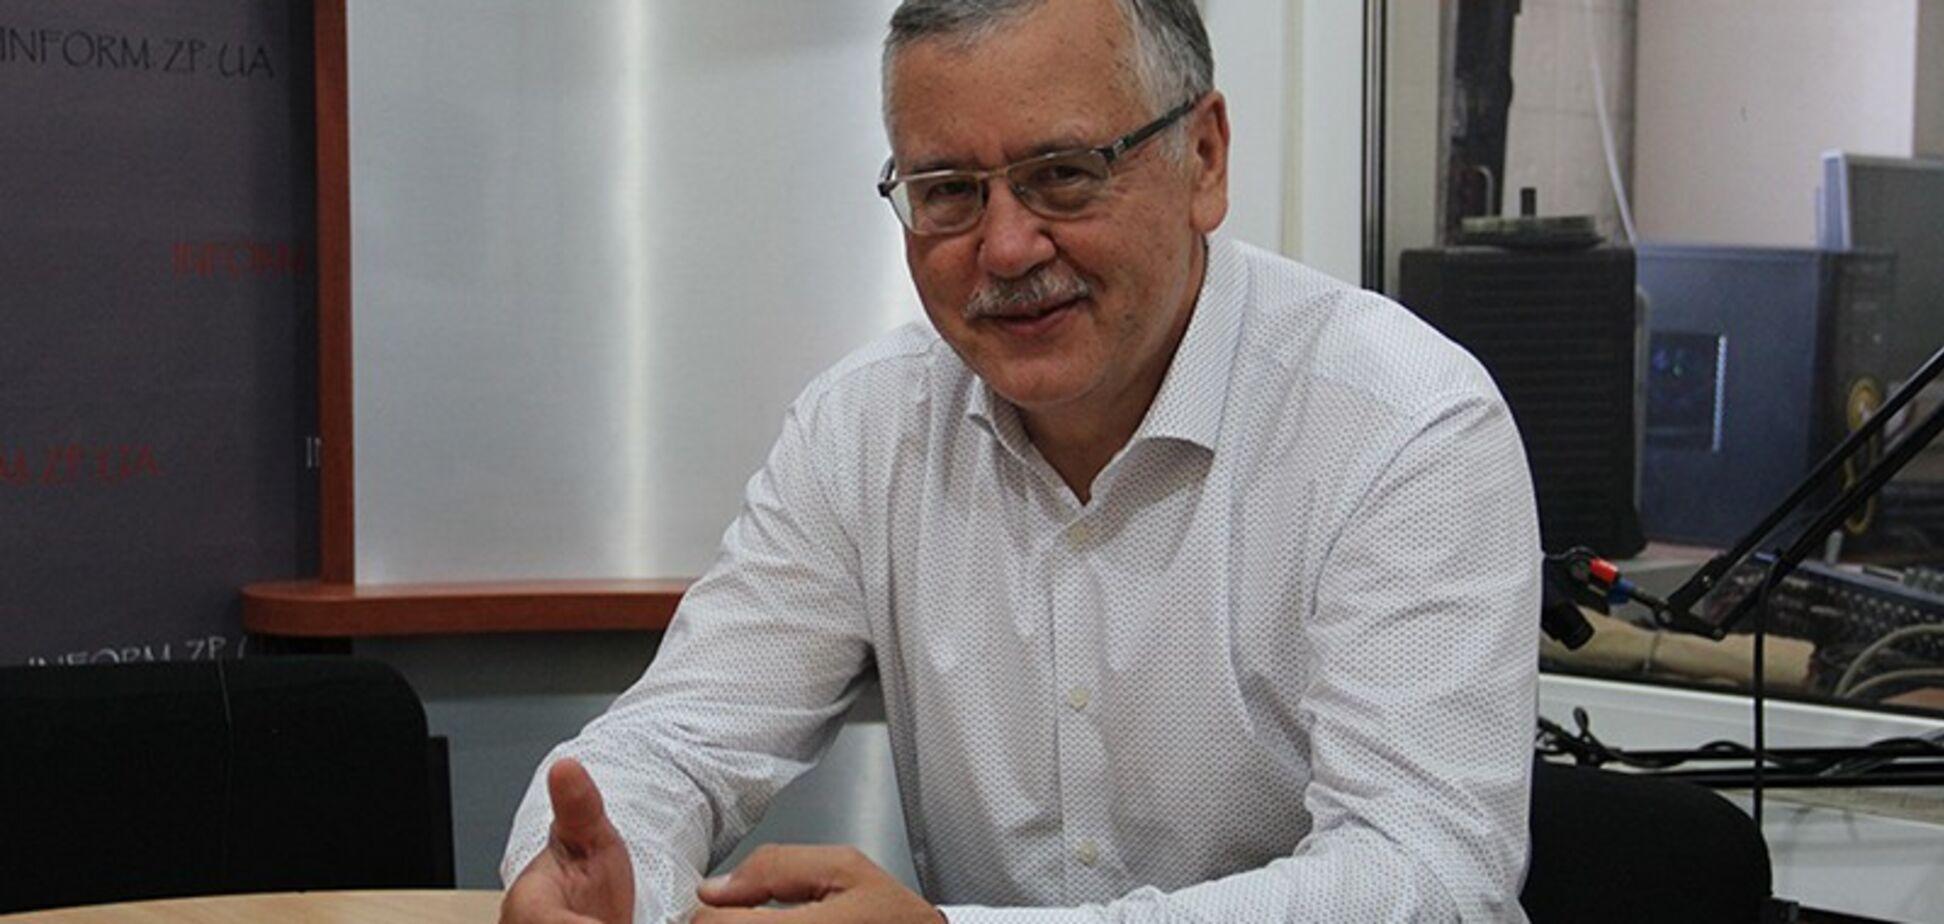 'Не менше 1 тис. доларів': Гриценко назвав необхідні виплати для воїнів